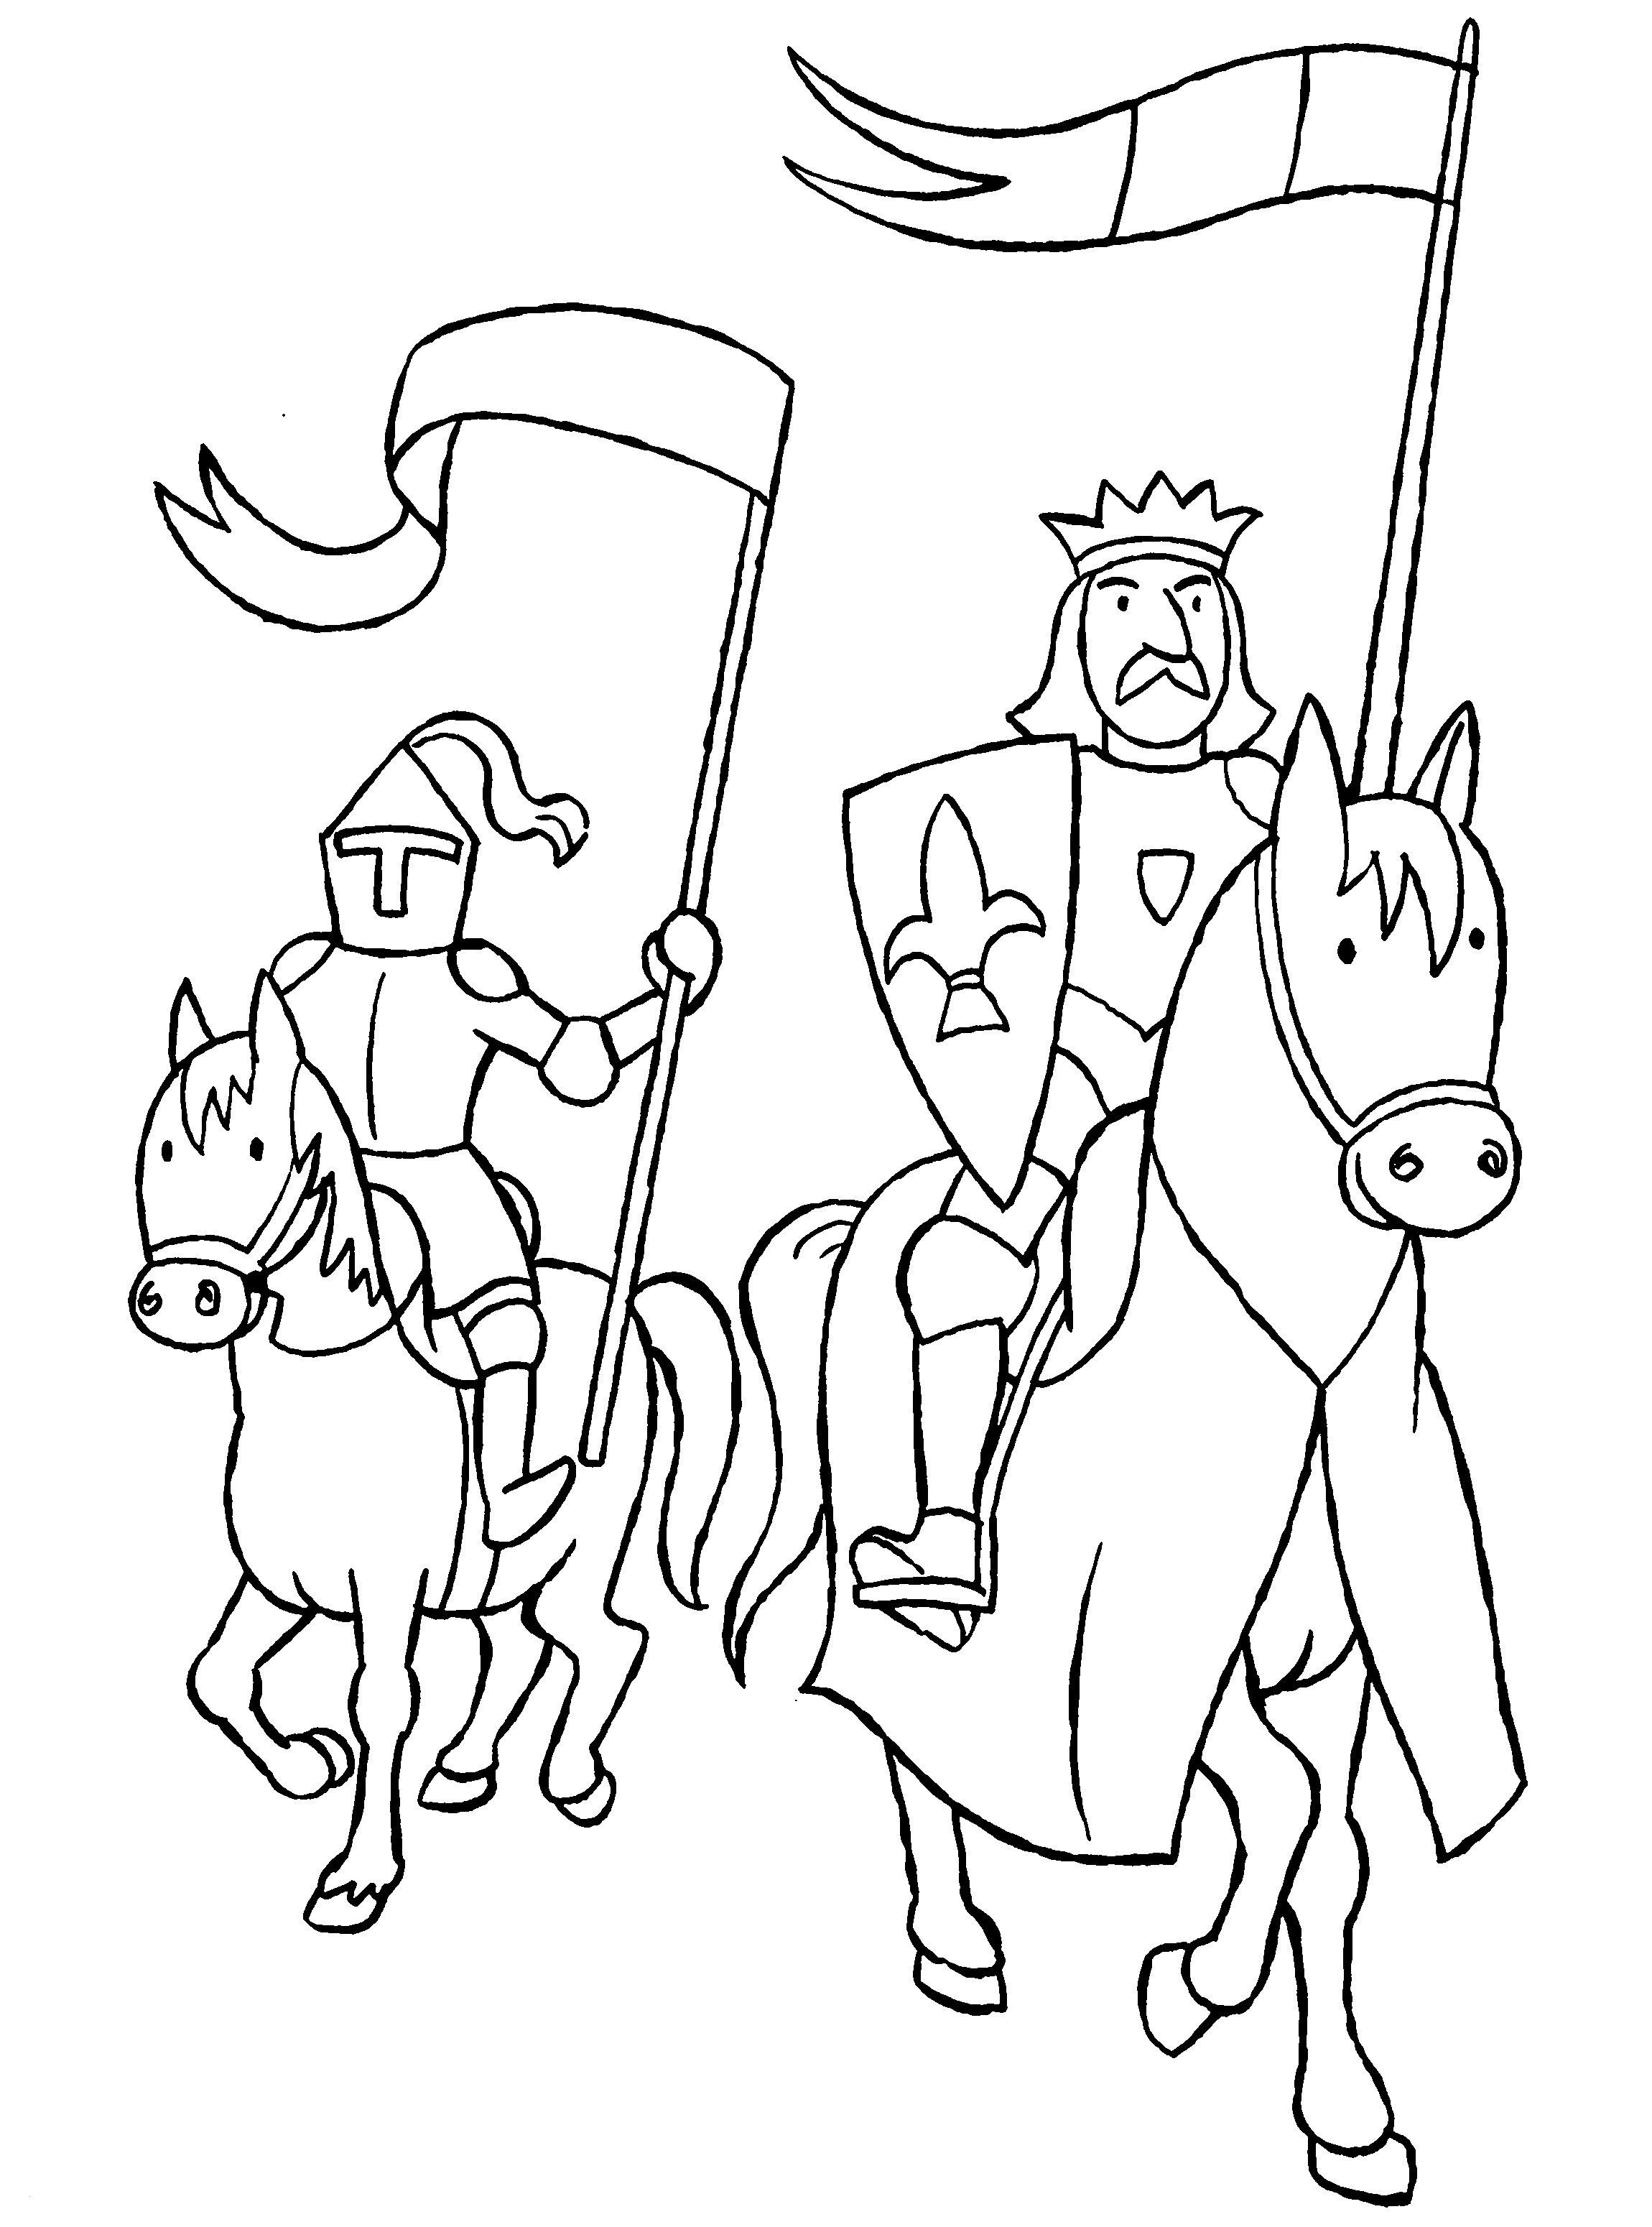 Harry Potter Ausmalbilder Wappen Das Beste Von Ausmalbilder Malen Nach Zahlen Zum Drucken Genial Malvorlagen Für Das Bild